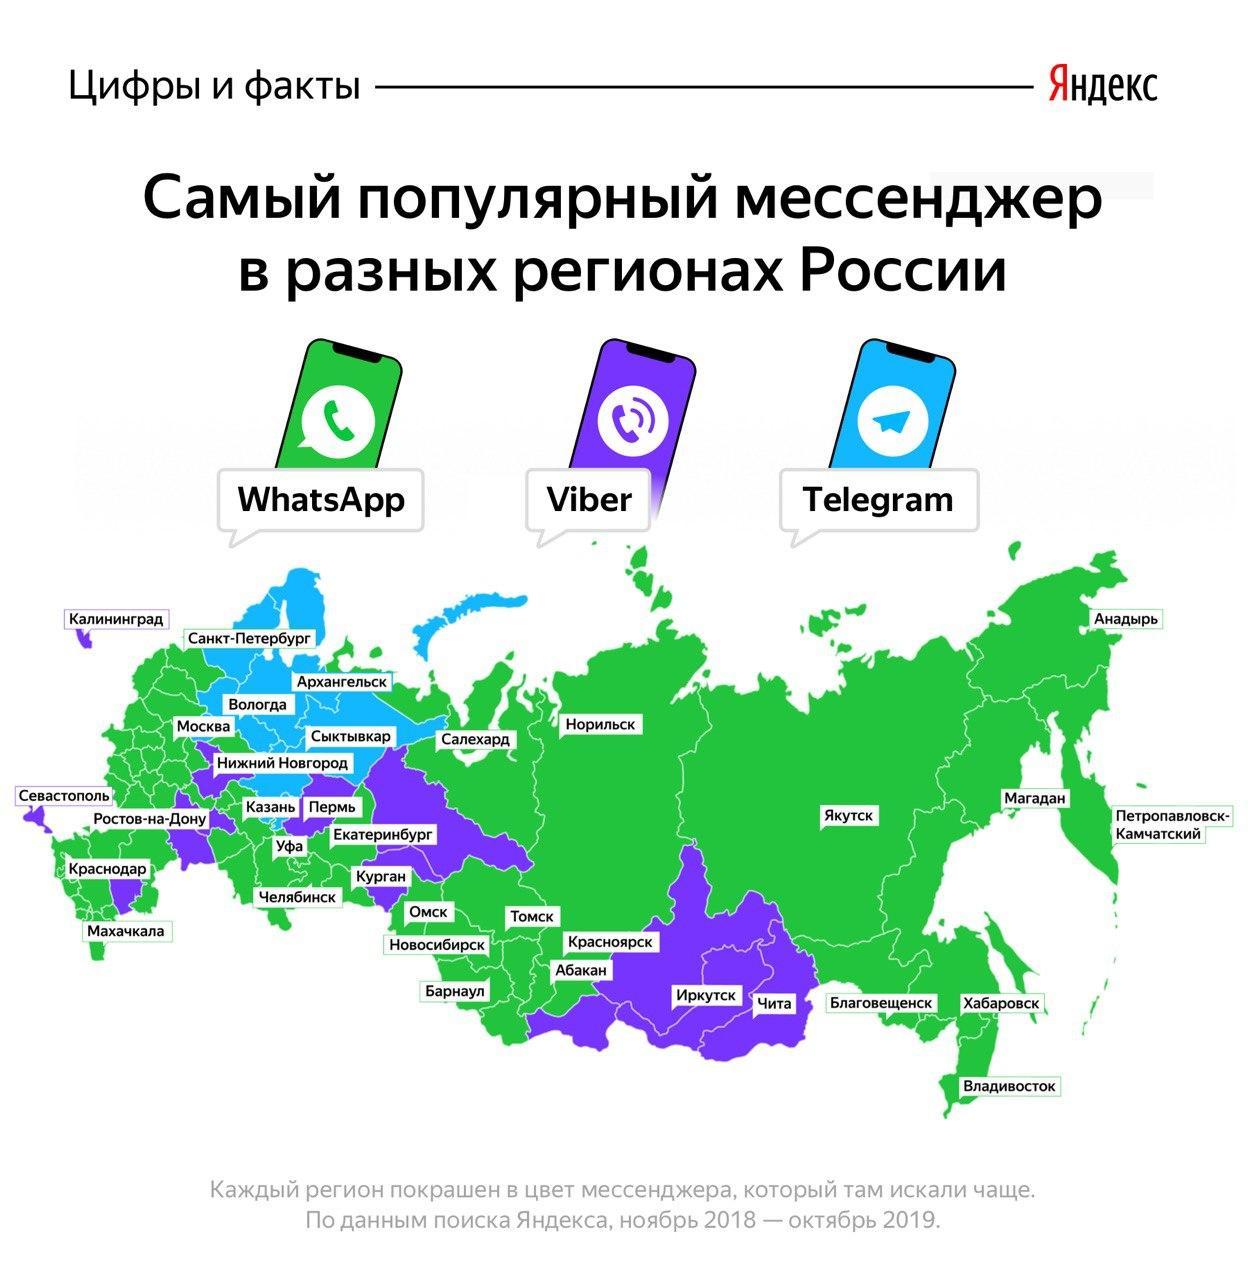 Популярность мессенджеров в России